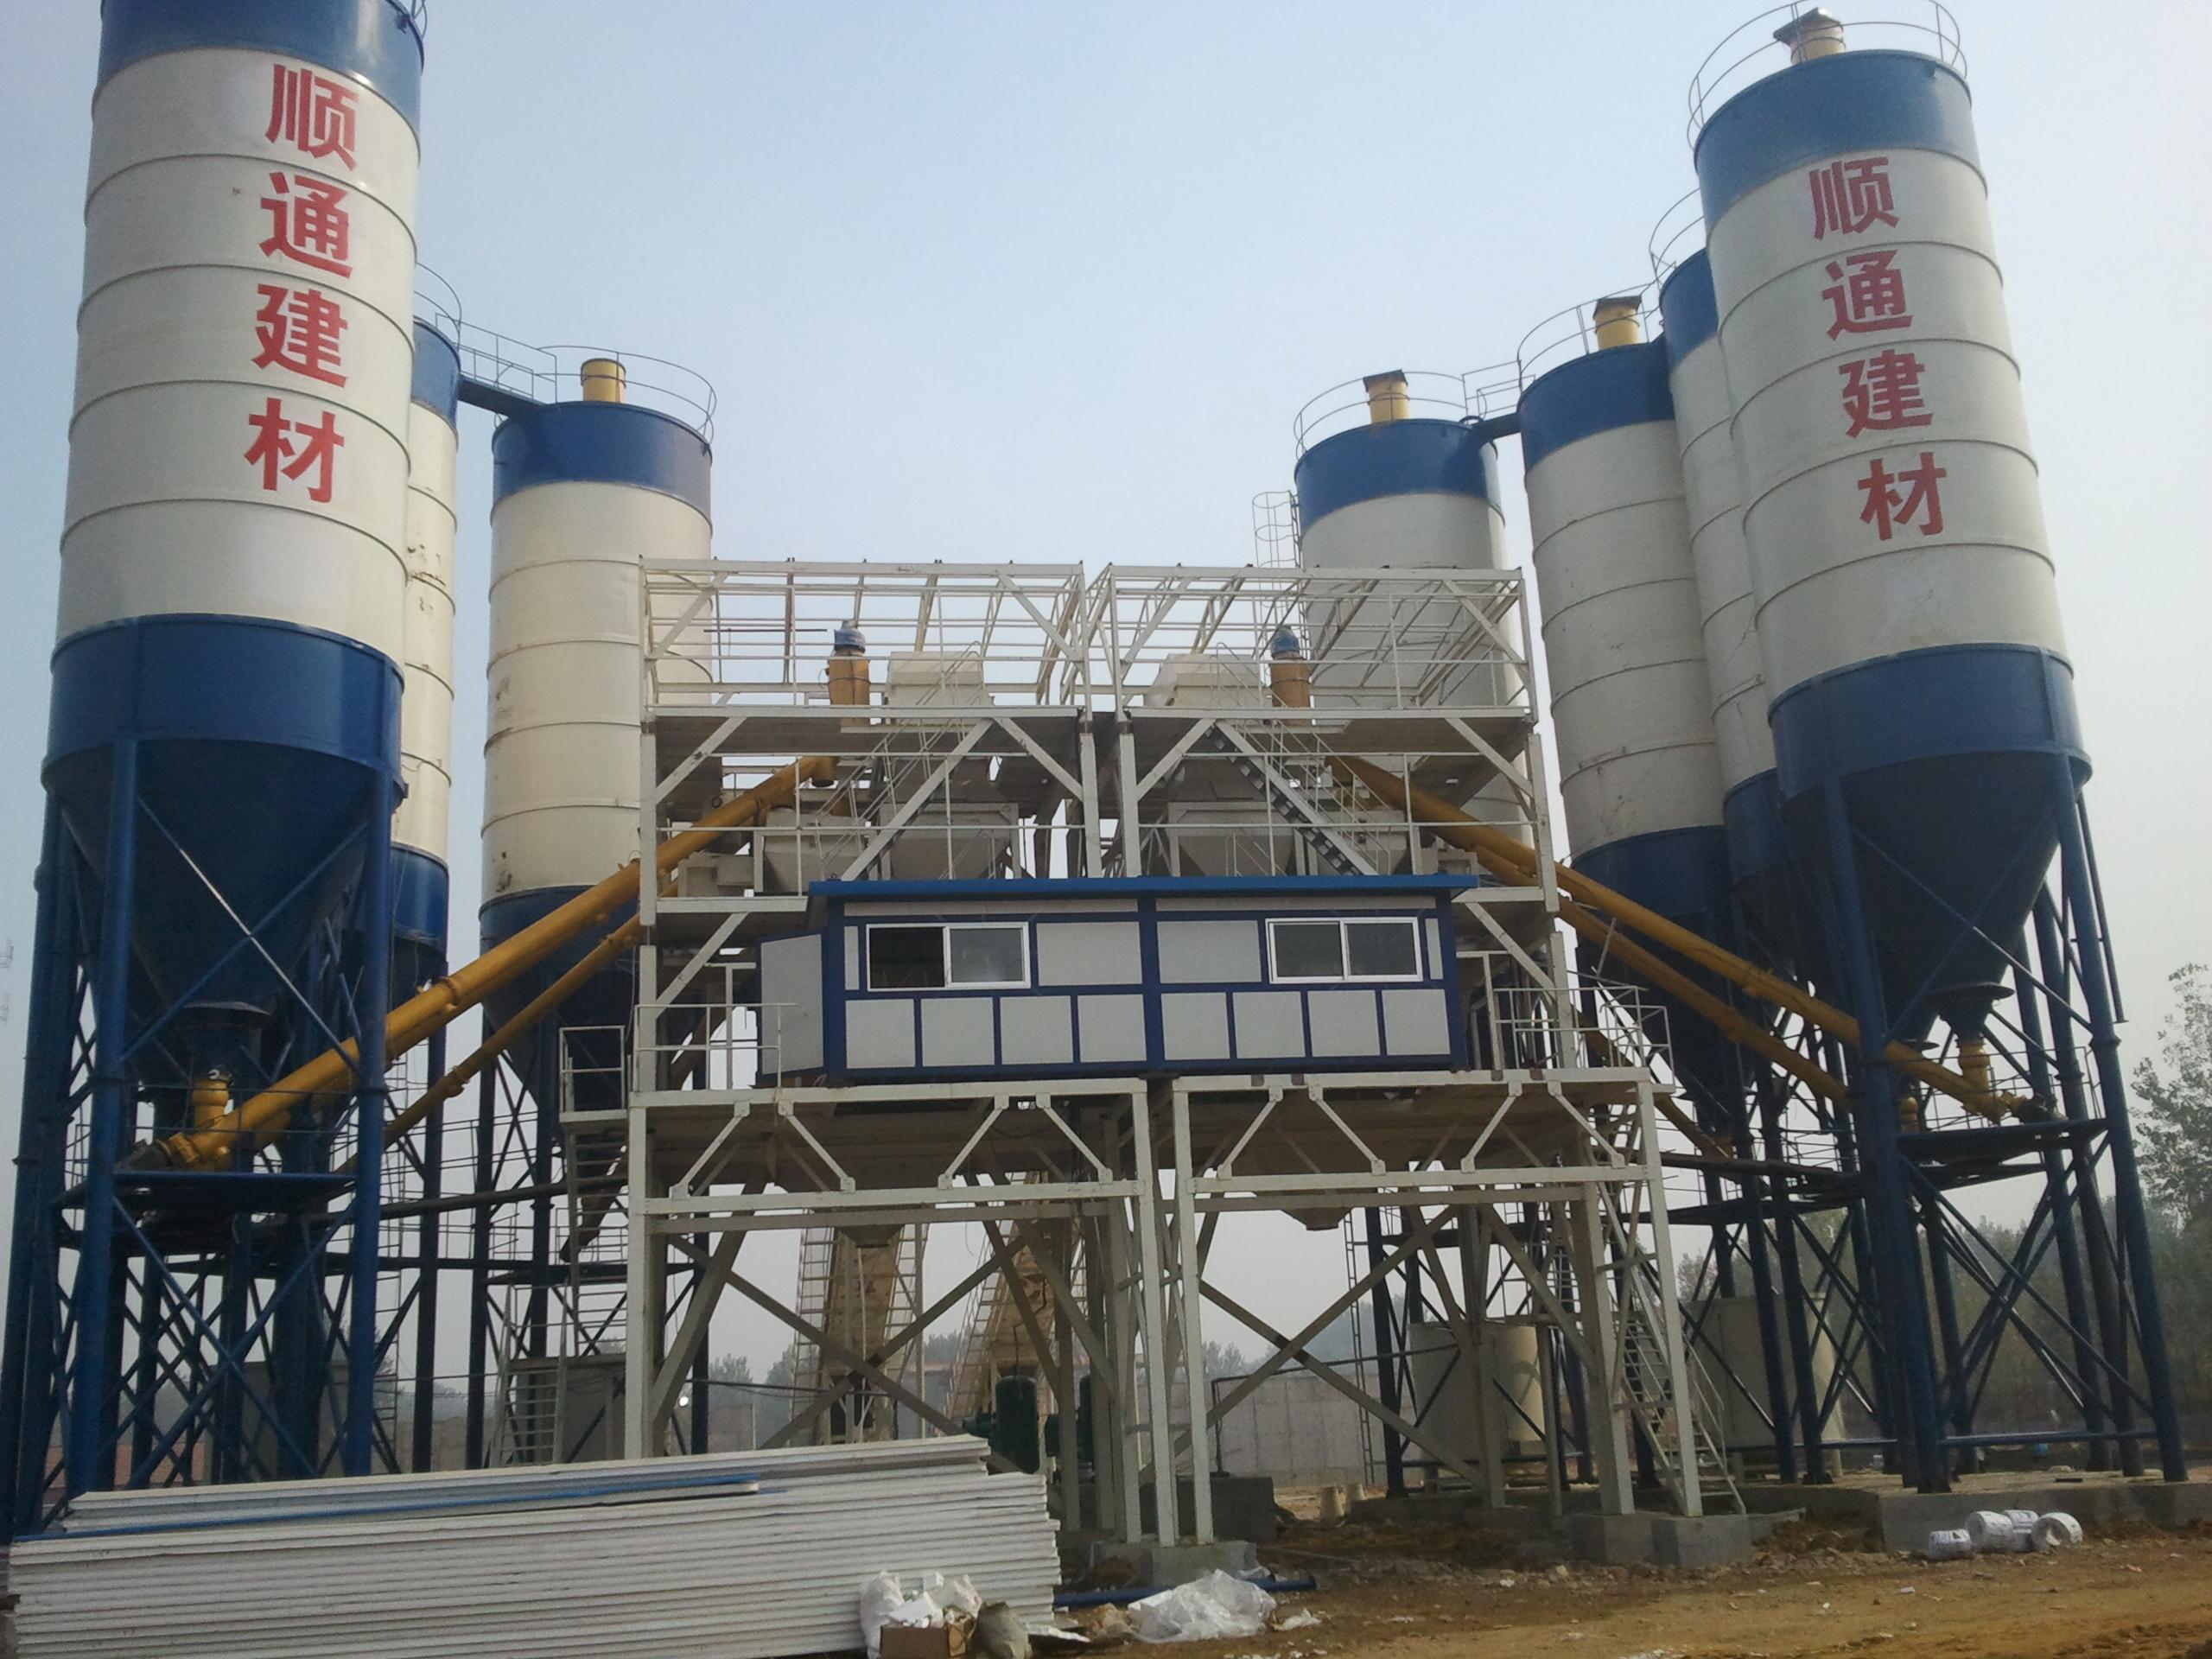 贝特HLS180混凝土搅拌站厂家直销-- 山东潍坊贝特工程机械有限公司